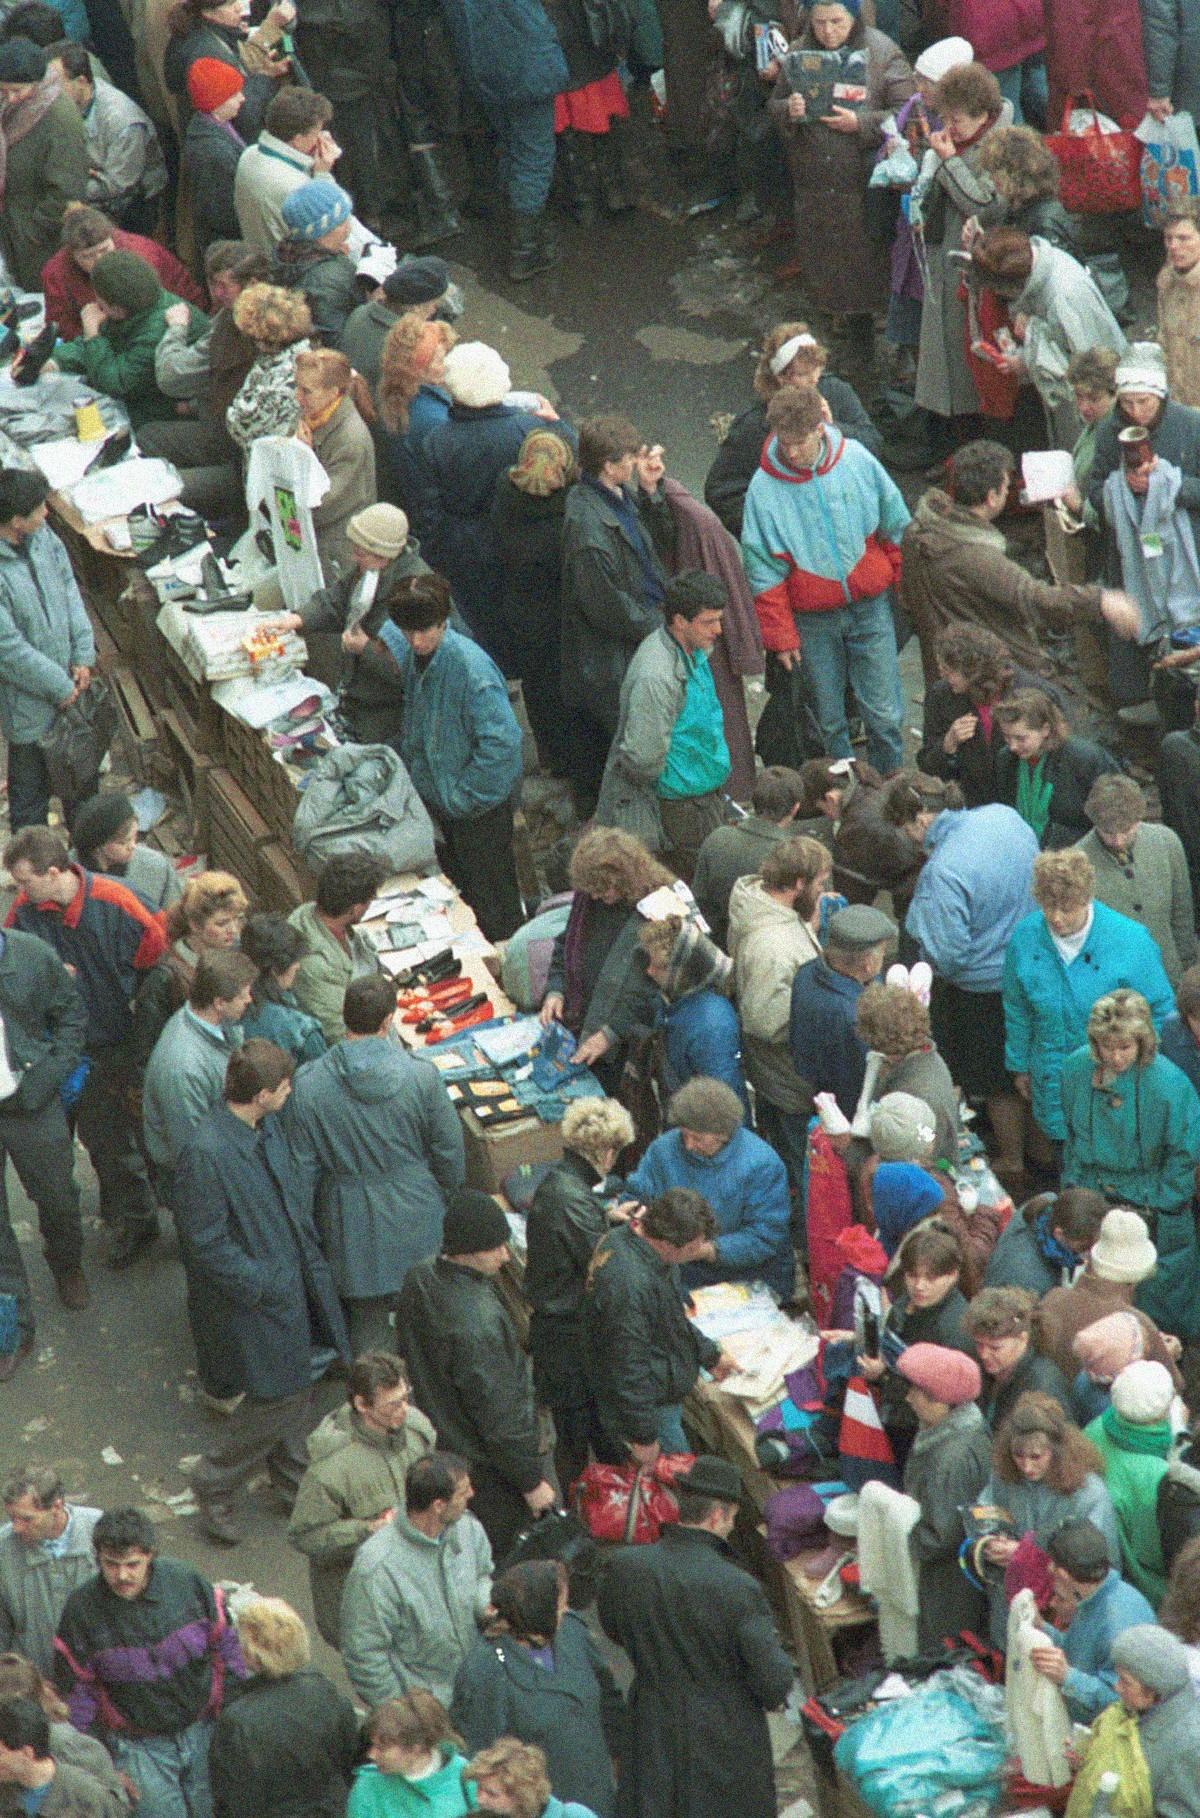 Prodajalci na ulici blizu osrednje otroške veleblagovnice Detskij mir v Moskvi